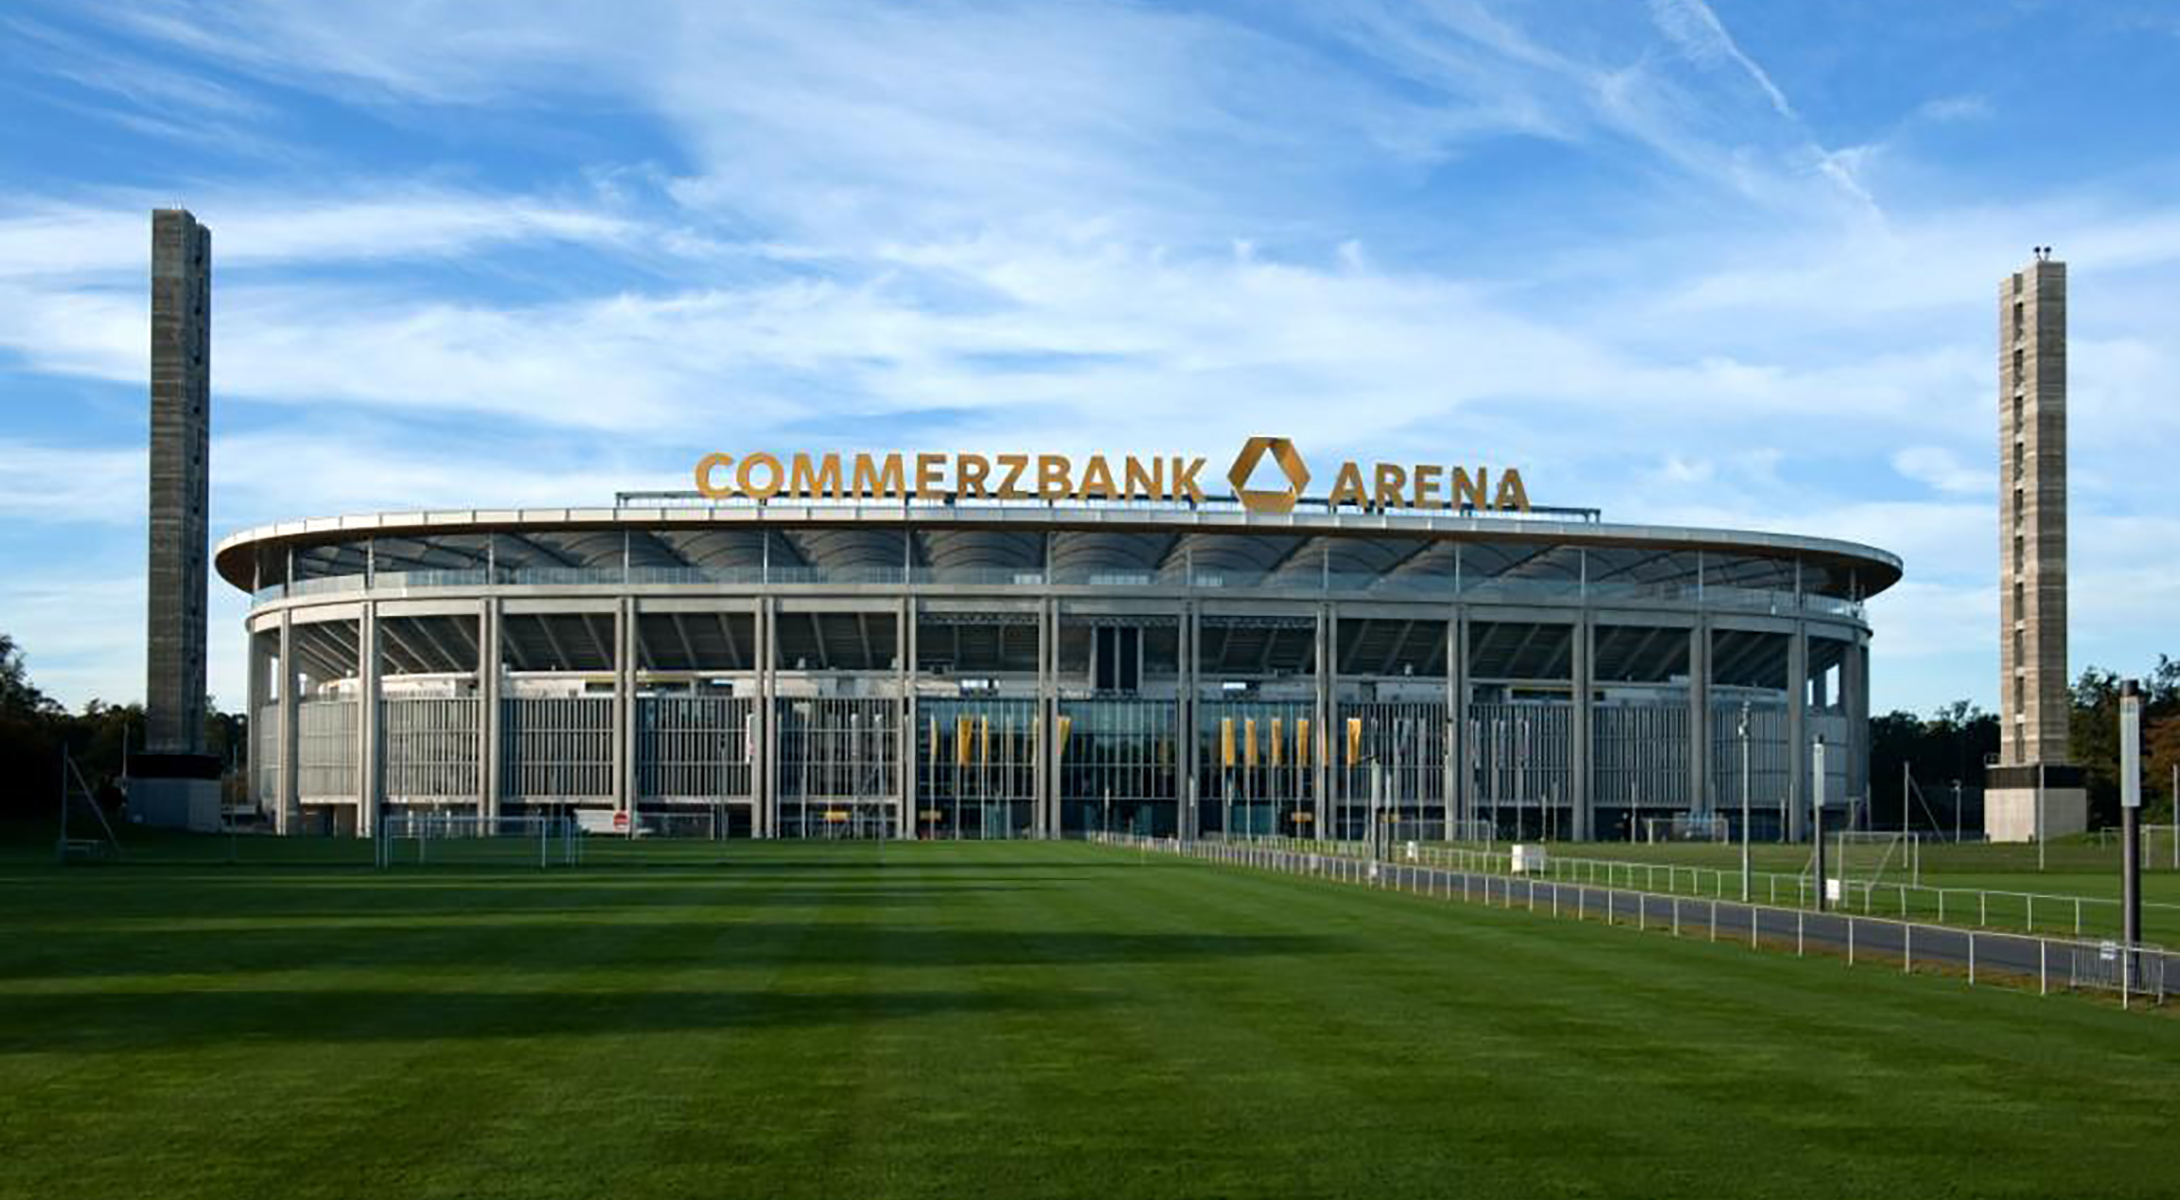 Frankfurt Commerzbank Arena